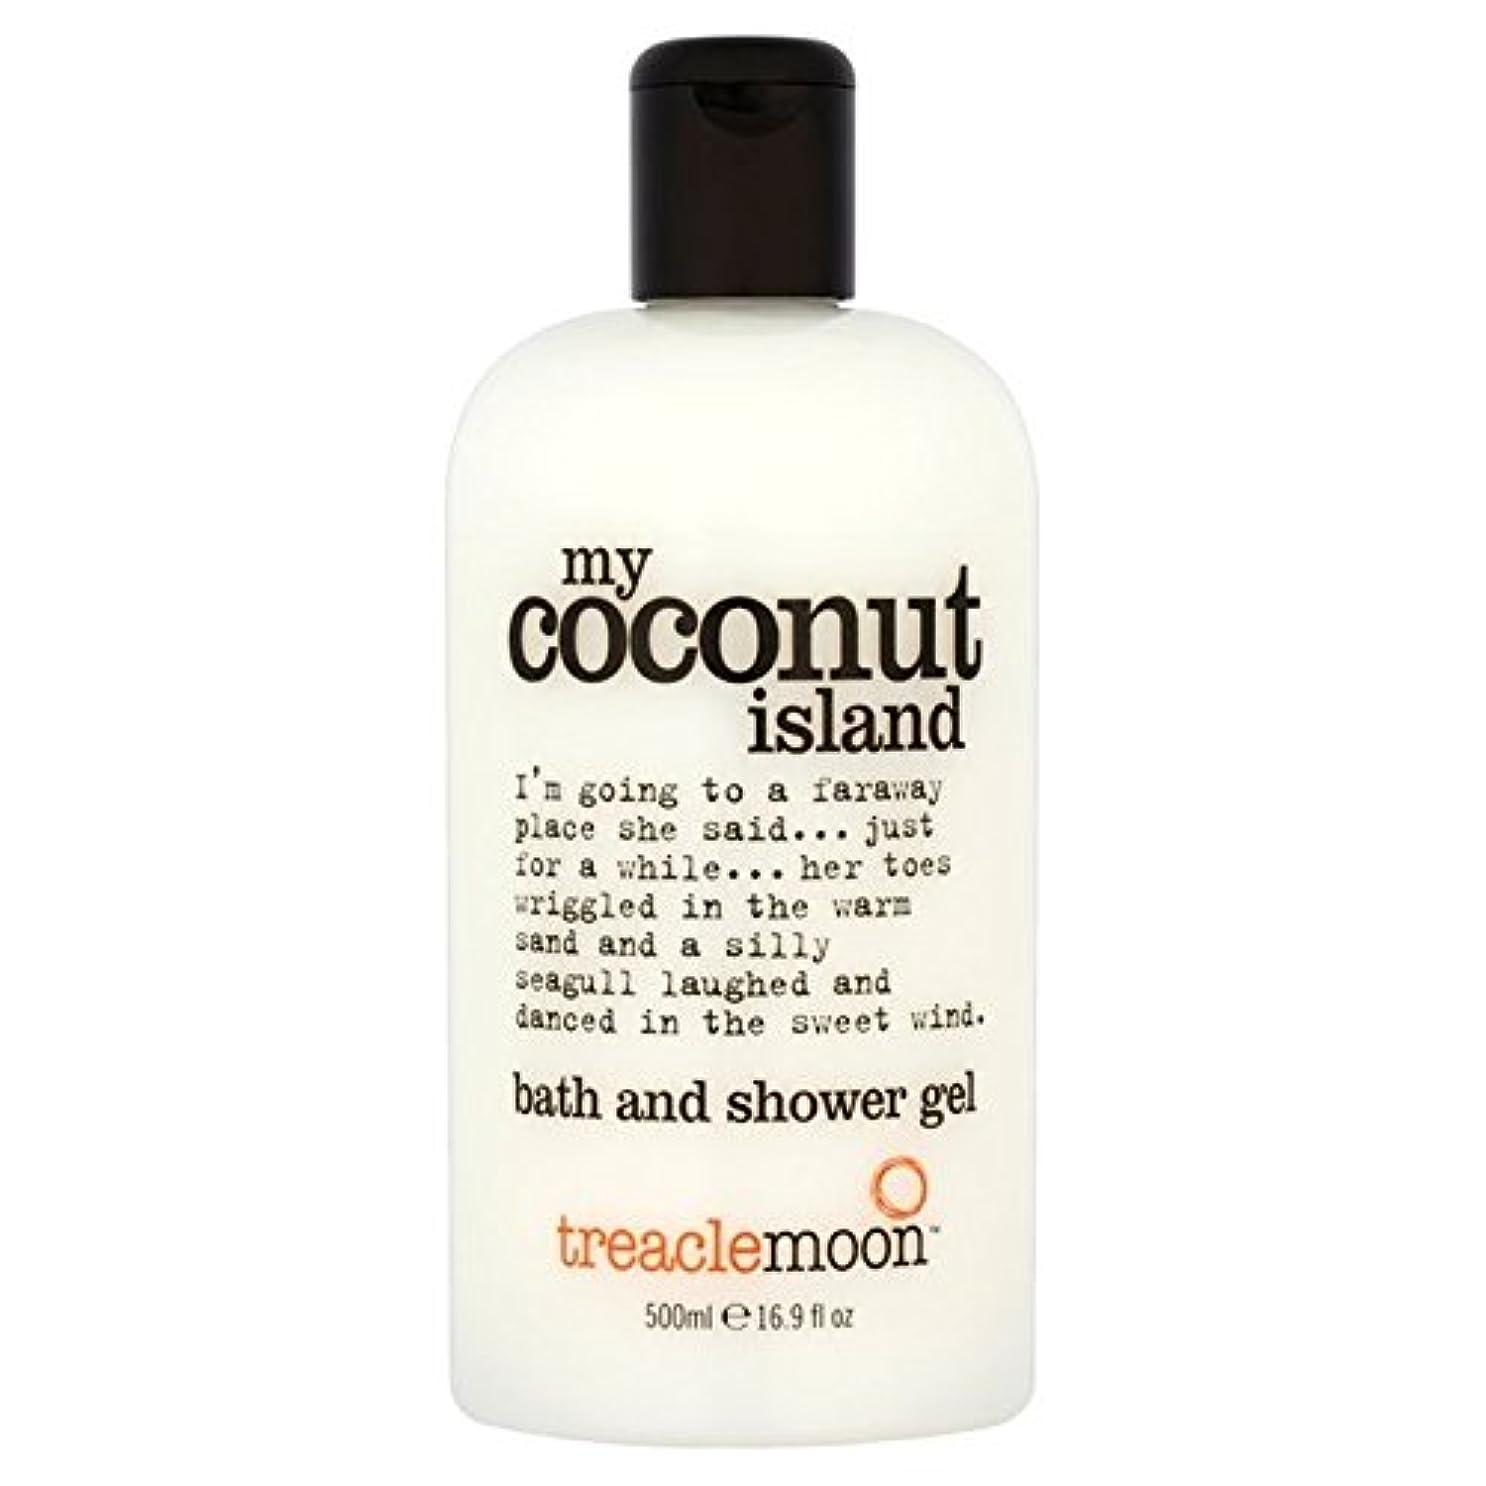 注目すべき誰がめったに糖蜜月ココナッツ島のバス&シャワージェル500ミリリットル x2 - Treacle Moon Coconut Island Bath & Shower Gel 500ml (Pack of 2) [並行輸入品]